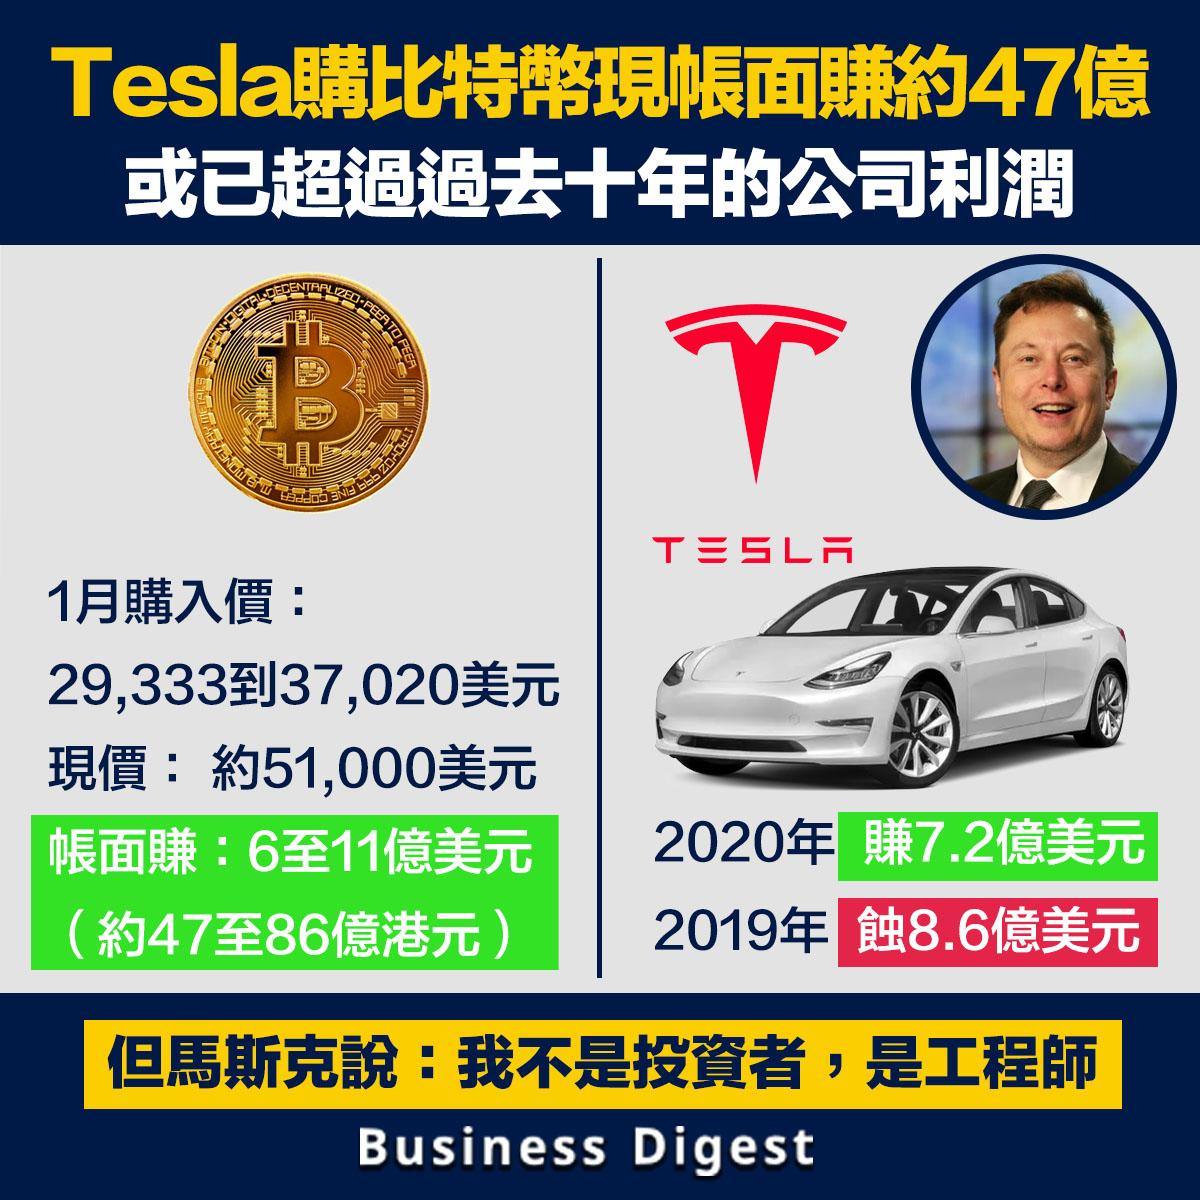 Tesla購入比特幣現帳面賺約47億,或已超過過去十年的公司利潤